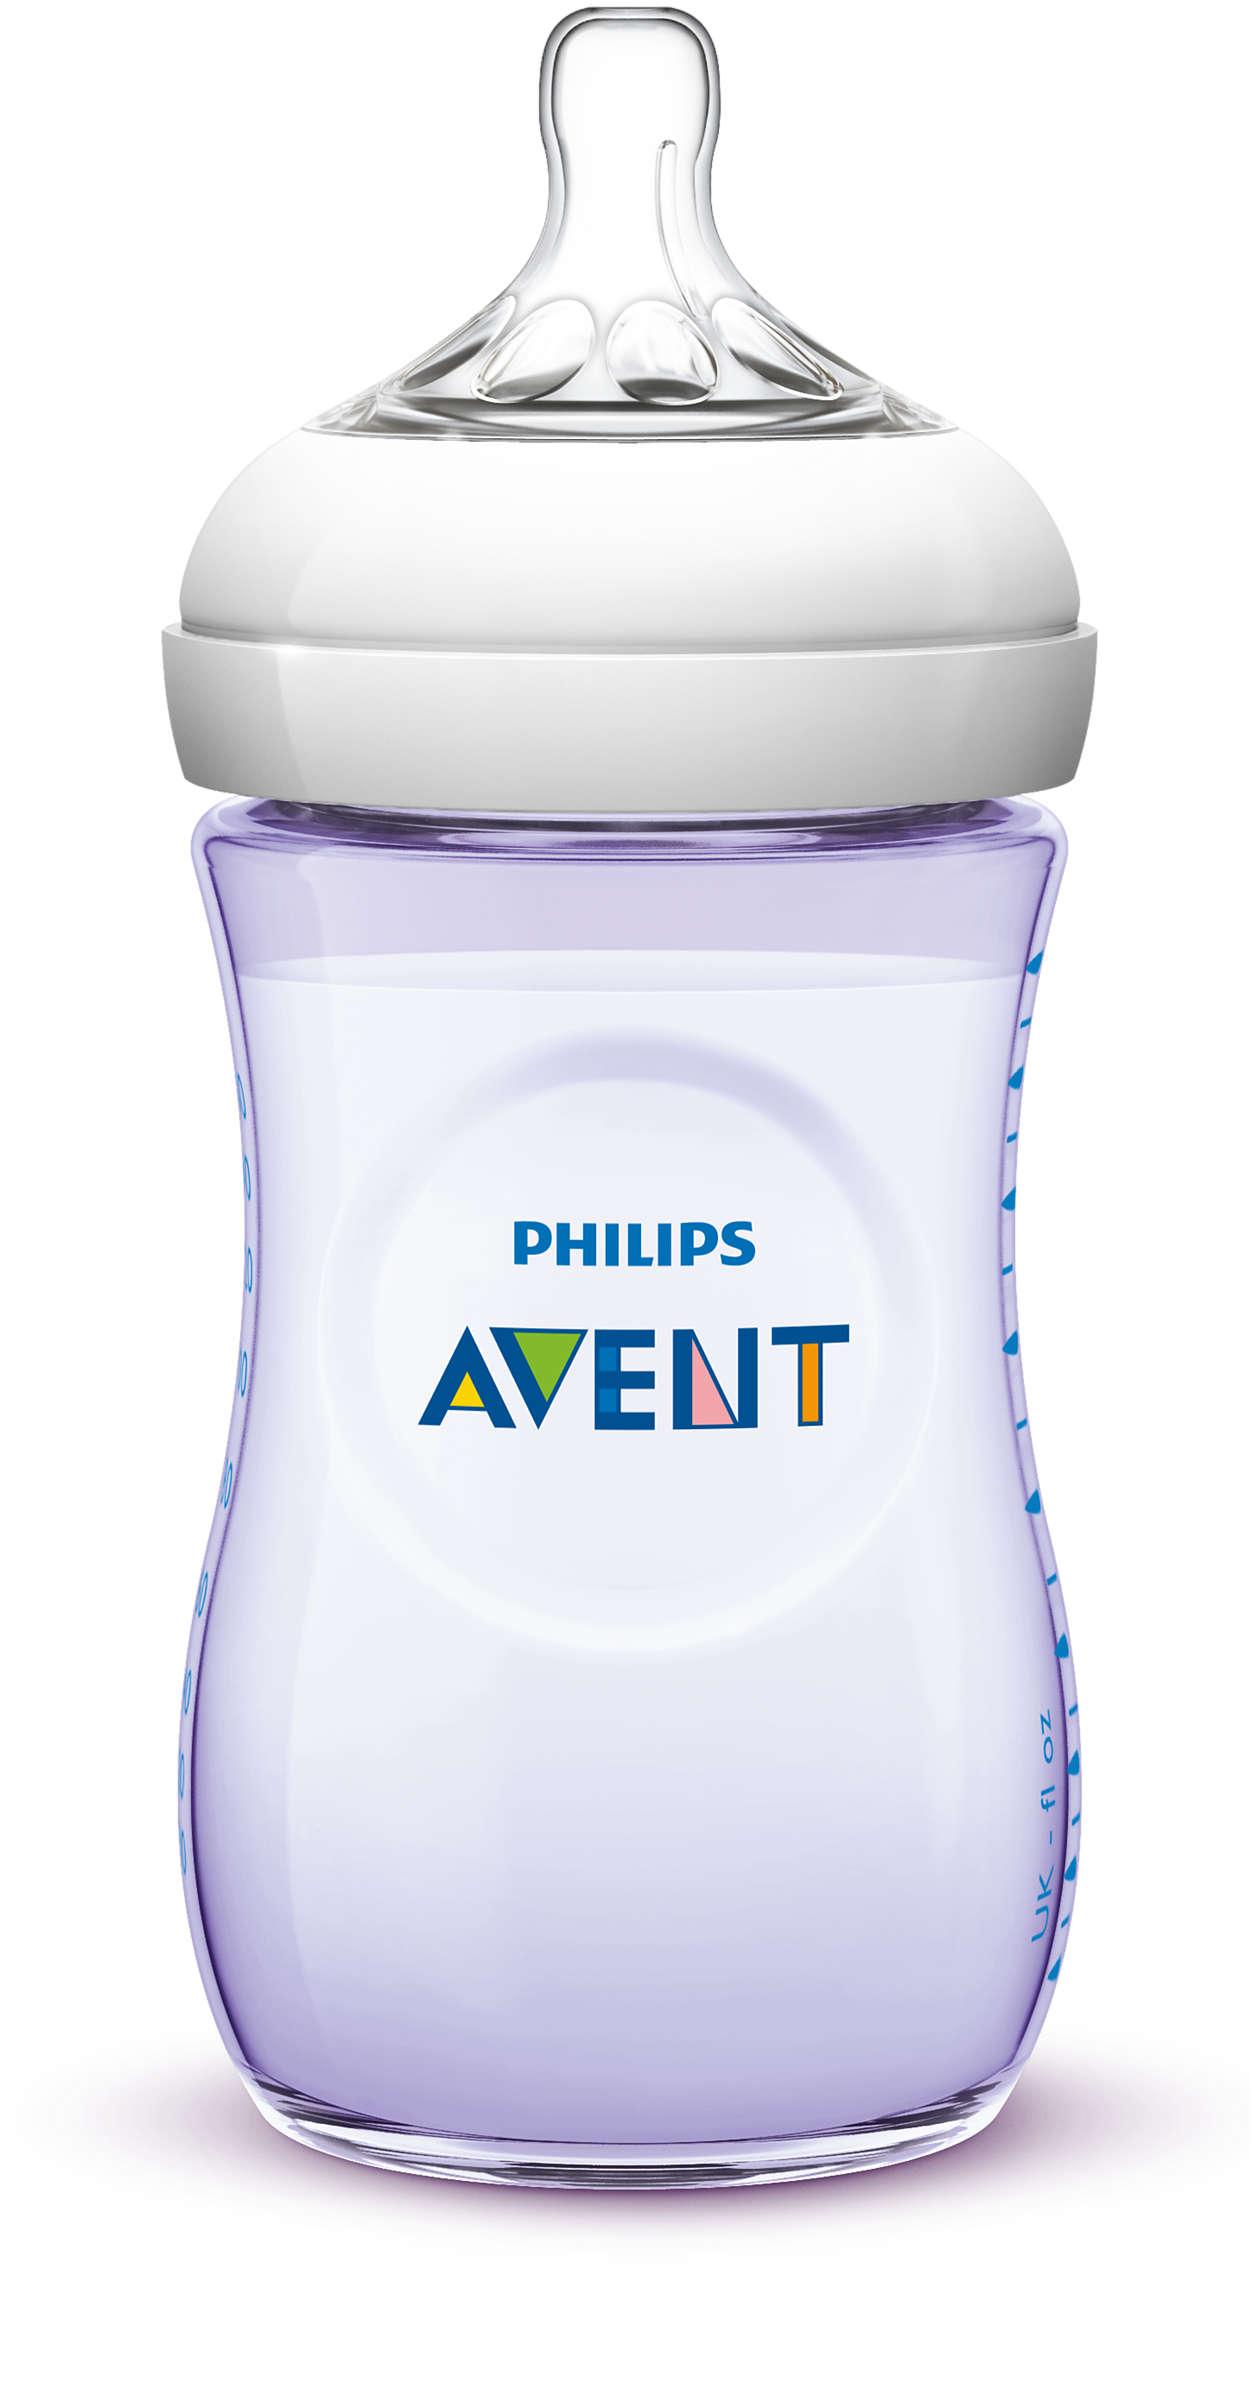 Den mest naturlige måde at give flaske på